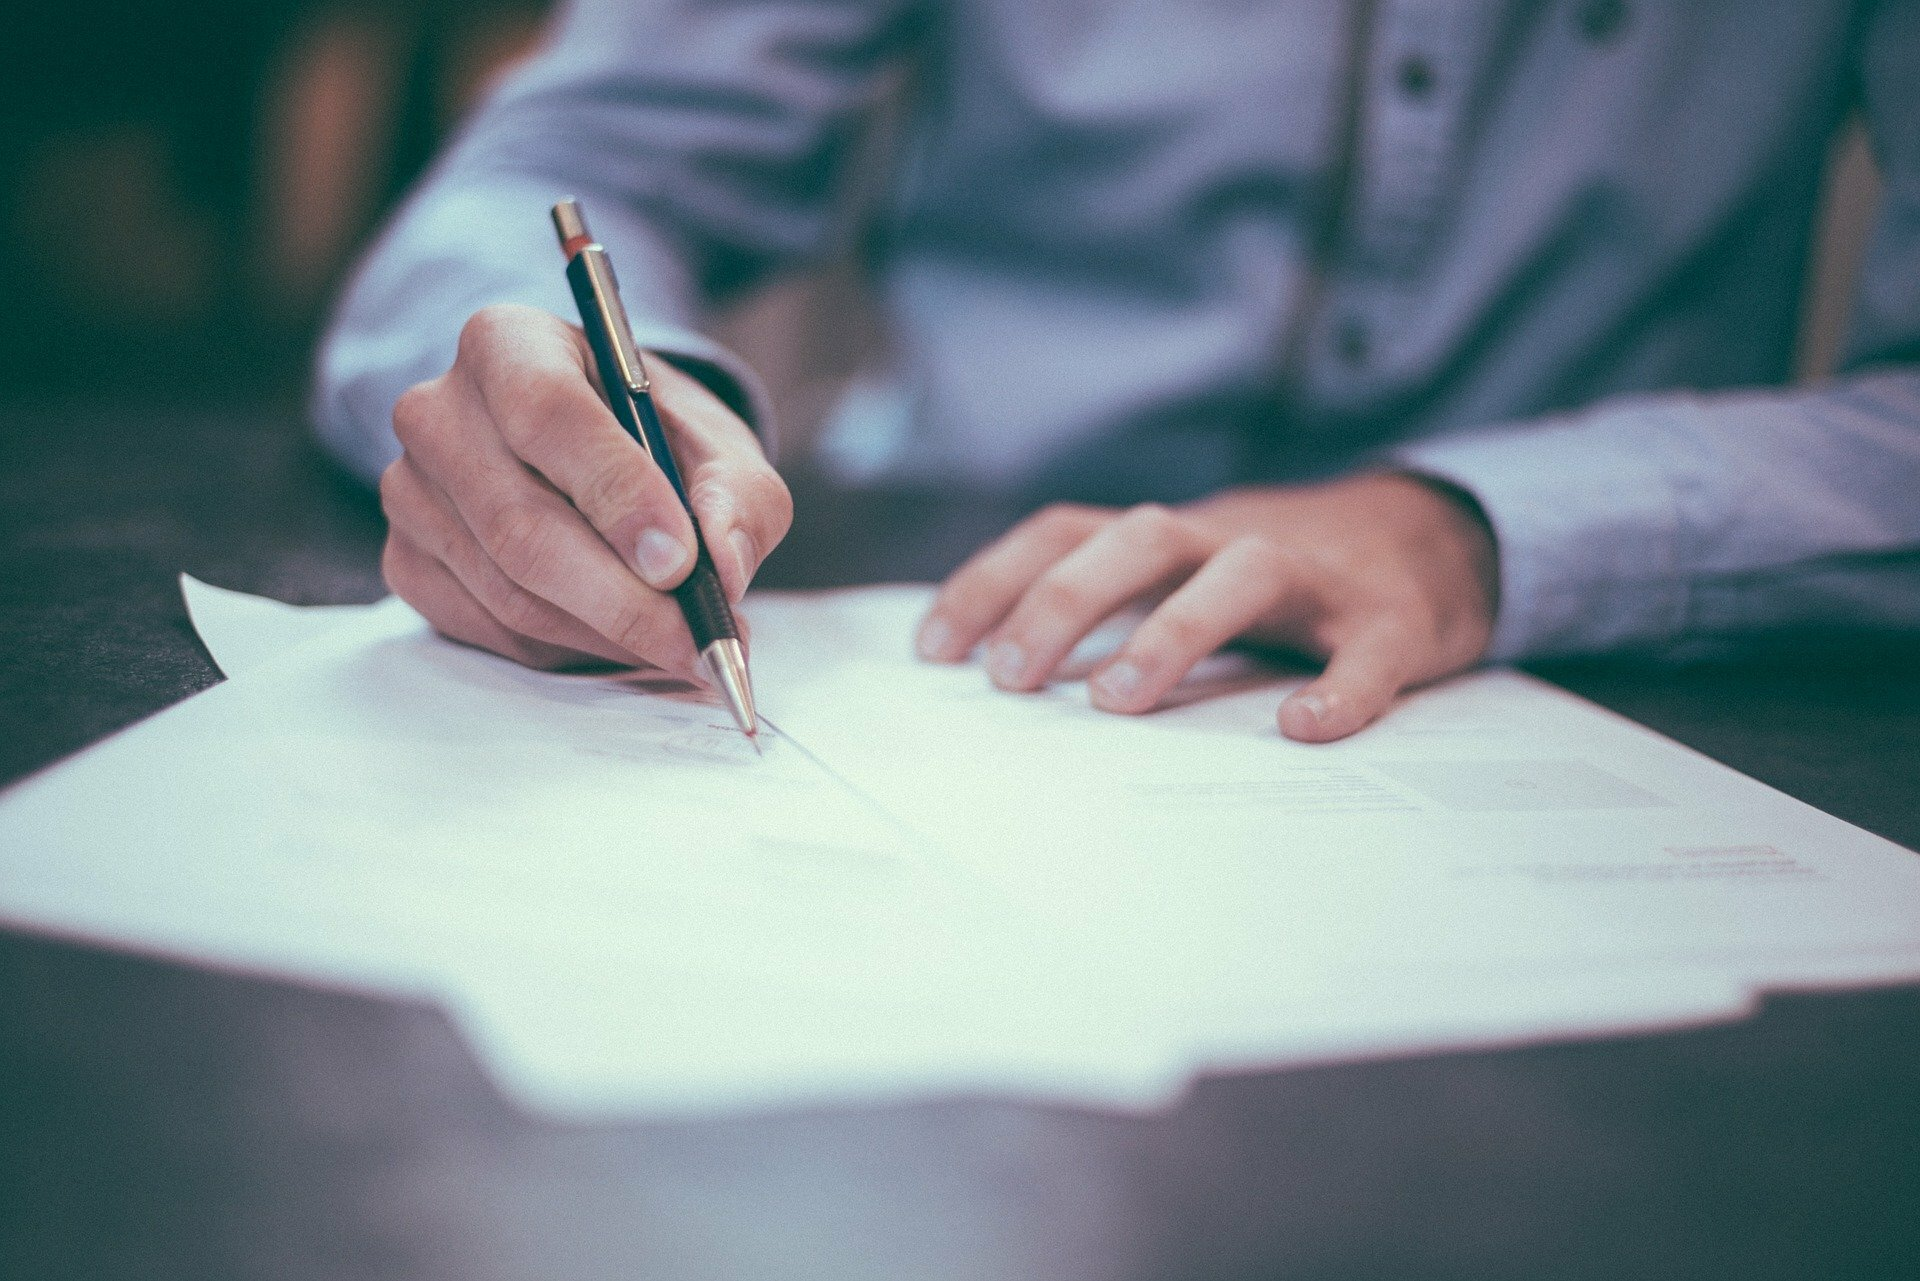 À quoi sert la clause d'objectivité dans un contrat d'assurance ?